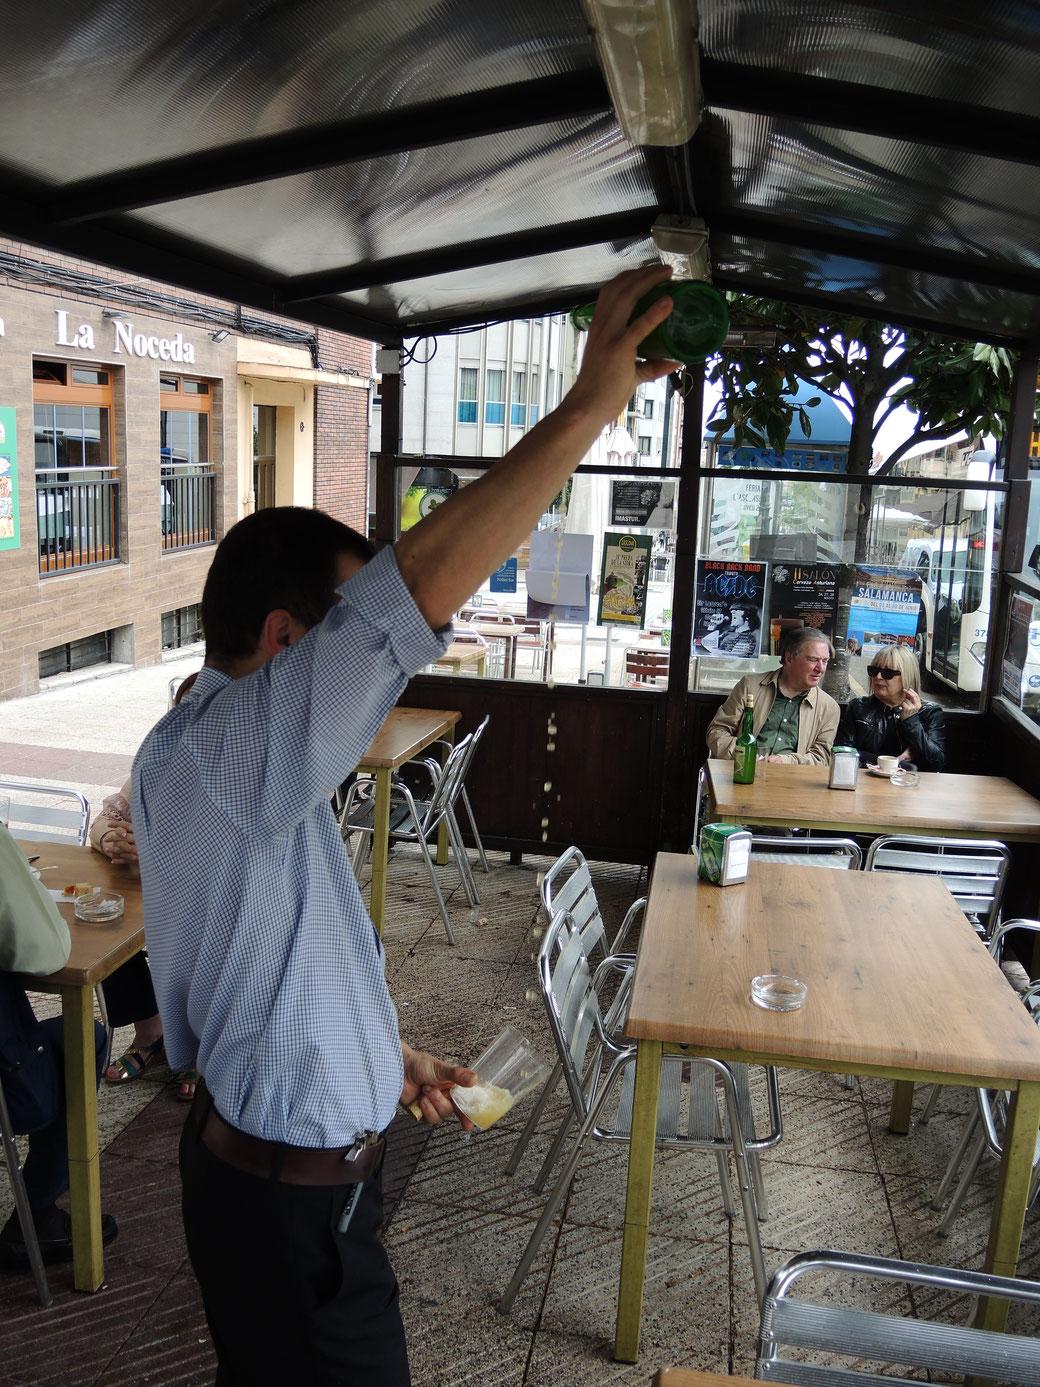 Einschenken von Sidre in Asturien ist ein hohe Kunst, denn nur erfahrene Kelner beherschen. Der Sidre wird hier unmitelbar nach dem Einschenken, noch schäumend getrunken.